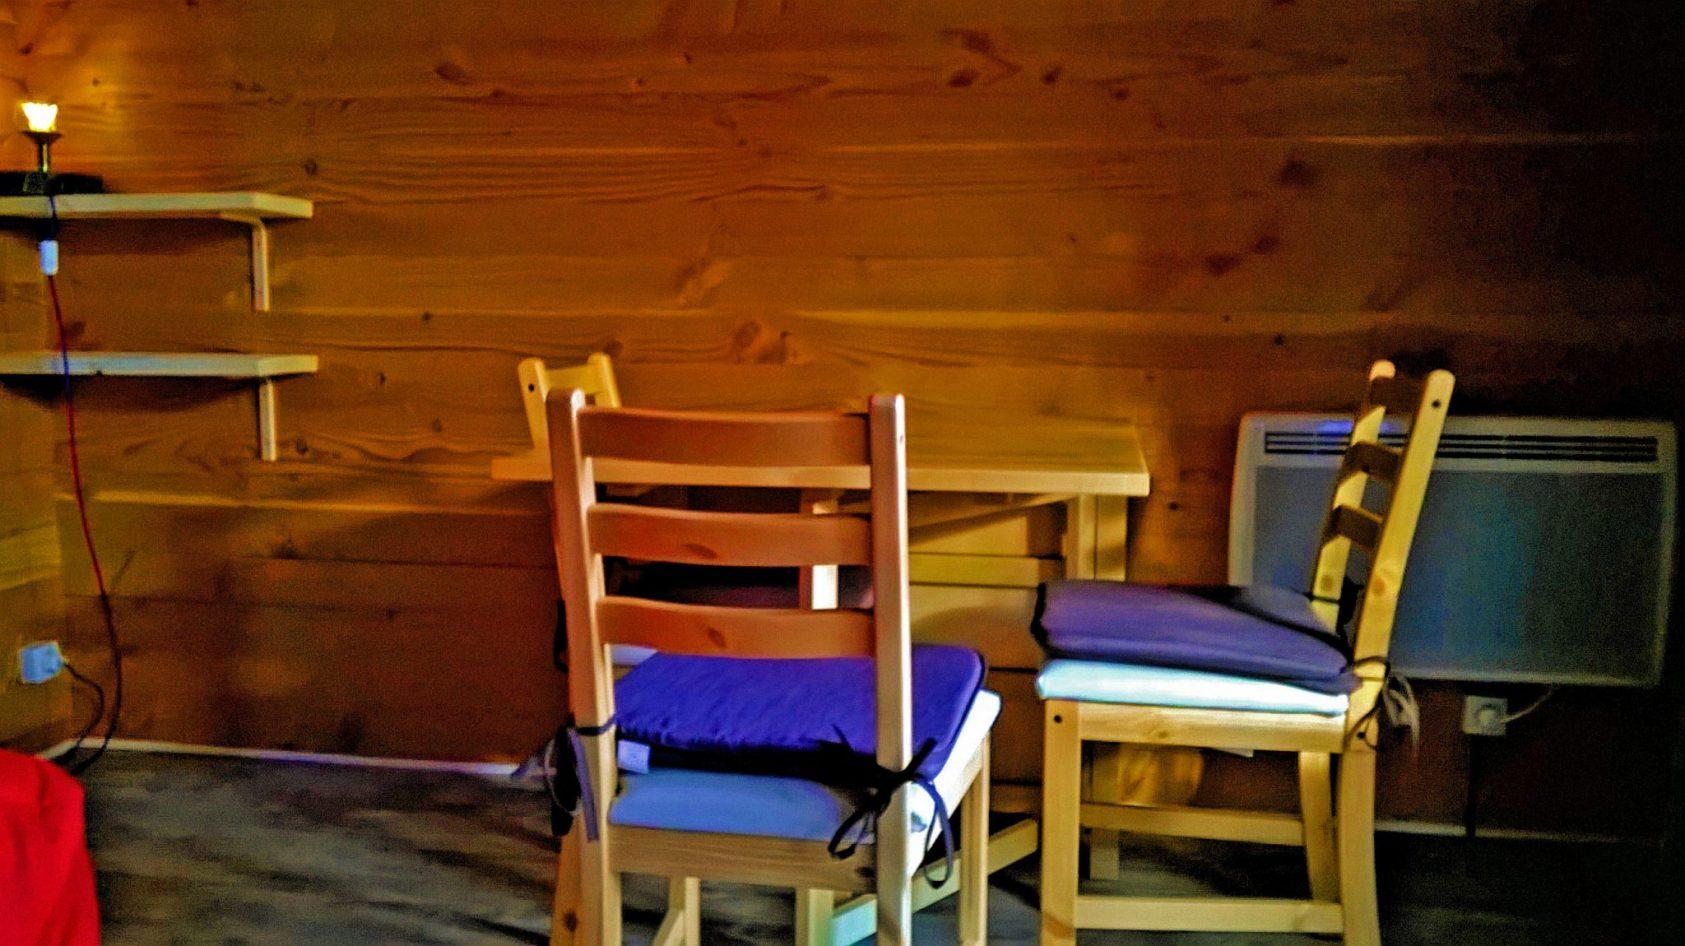 Stoelen Voor De Eethoek.Glamping Eco Lodge Eethoek Binnen Stoelen Color Hq Web L Assaladou